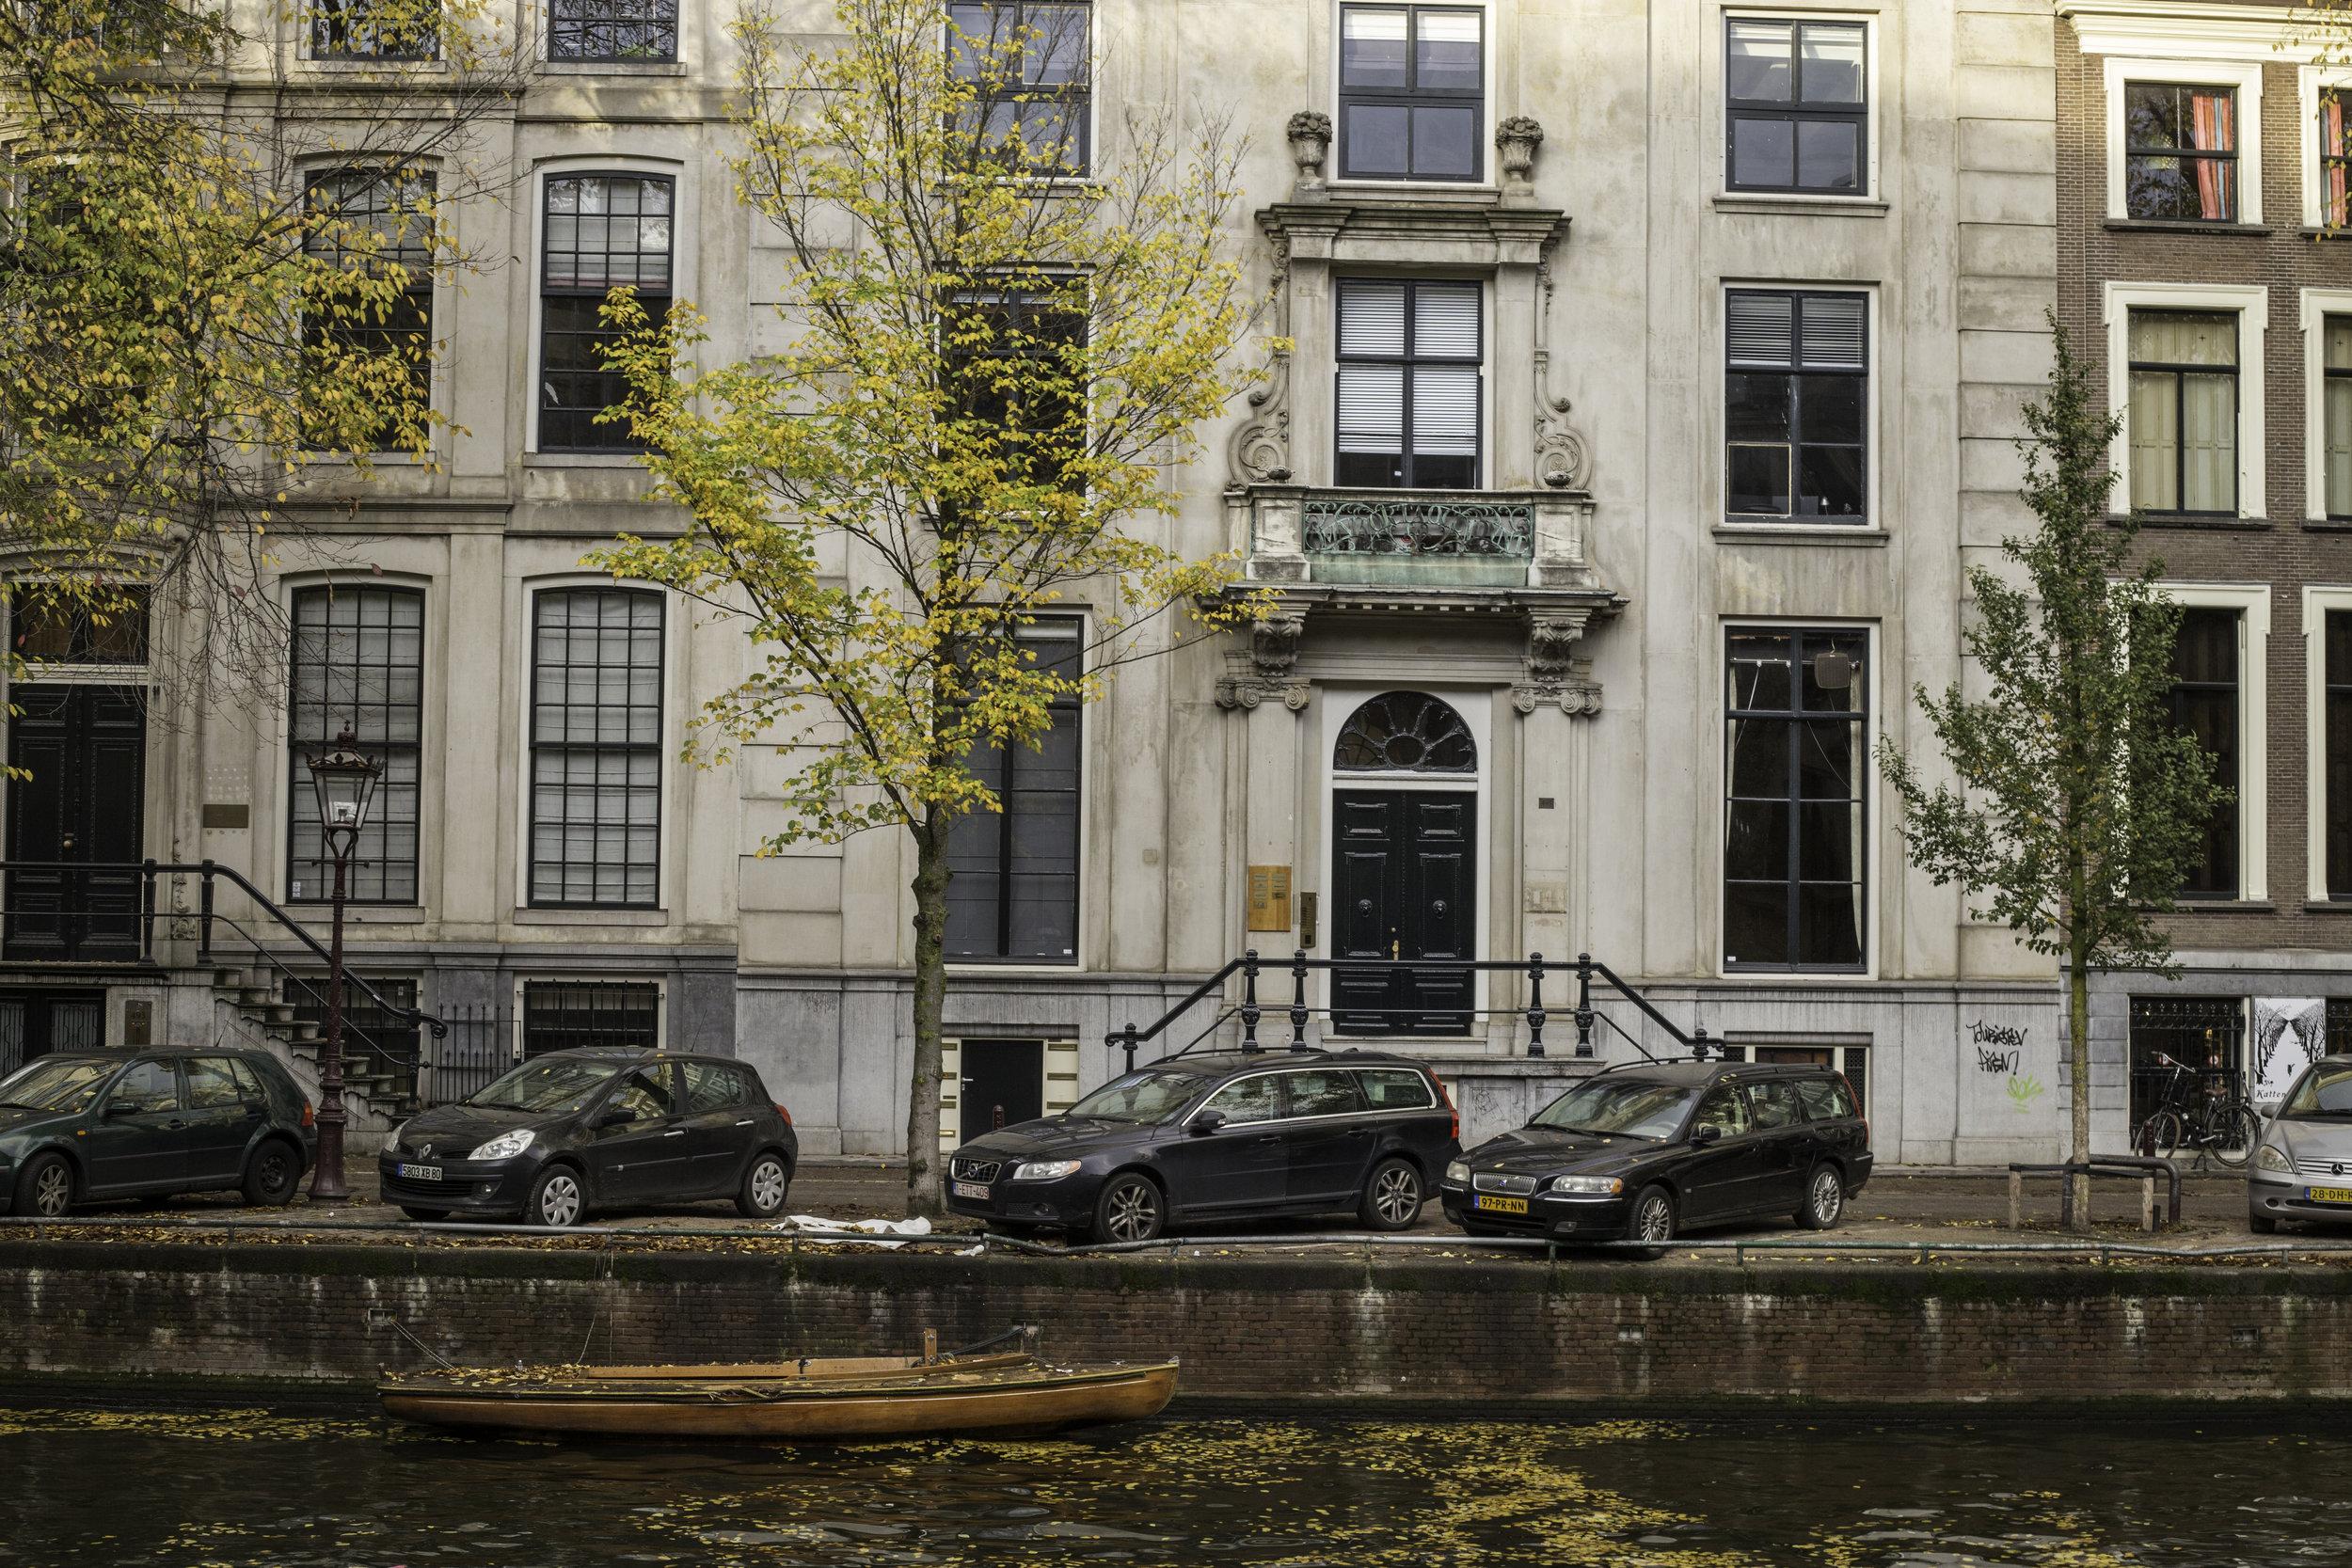 160511_Amsterdam_Voorst-44.jpg